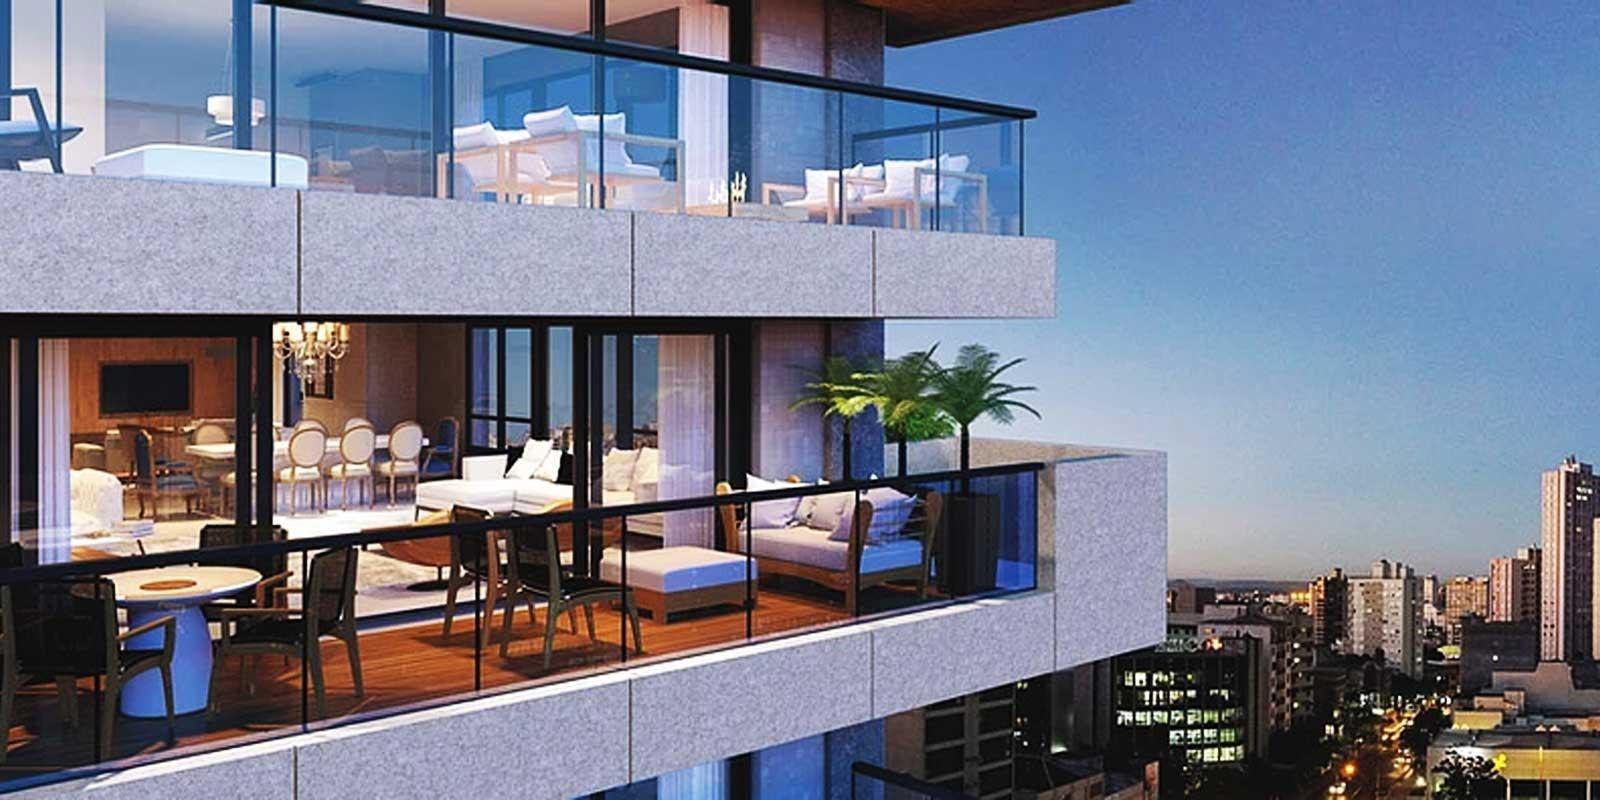 TPS Imóveis - Veja Foto 1 de 19 do 1 Apartamento por Andar em Frente ao Parcão